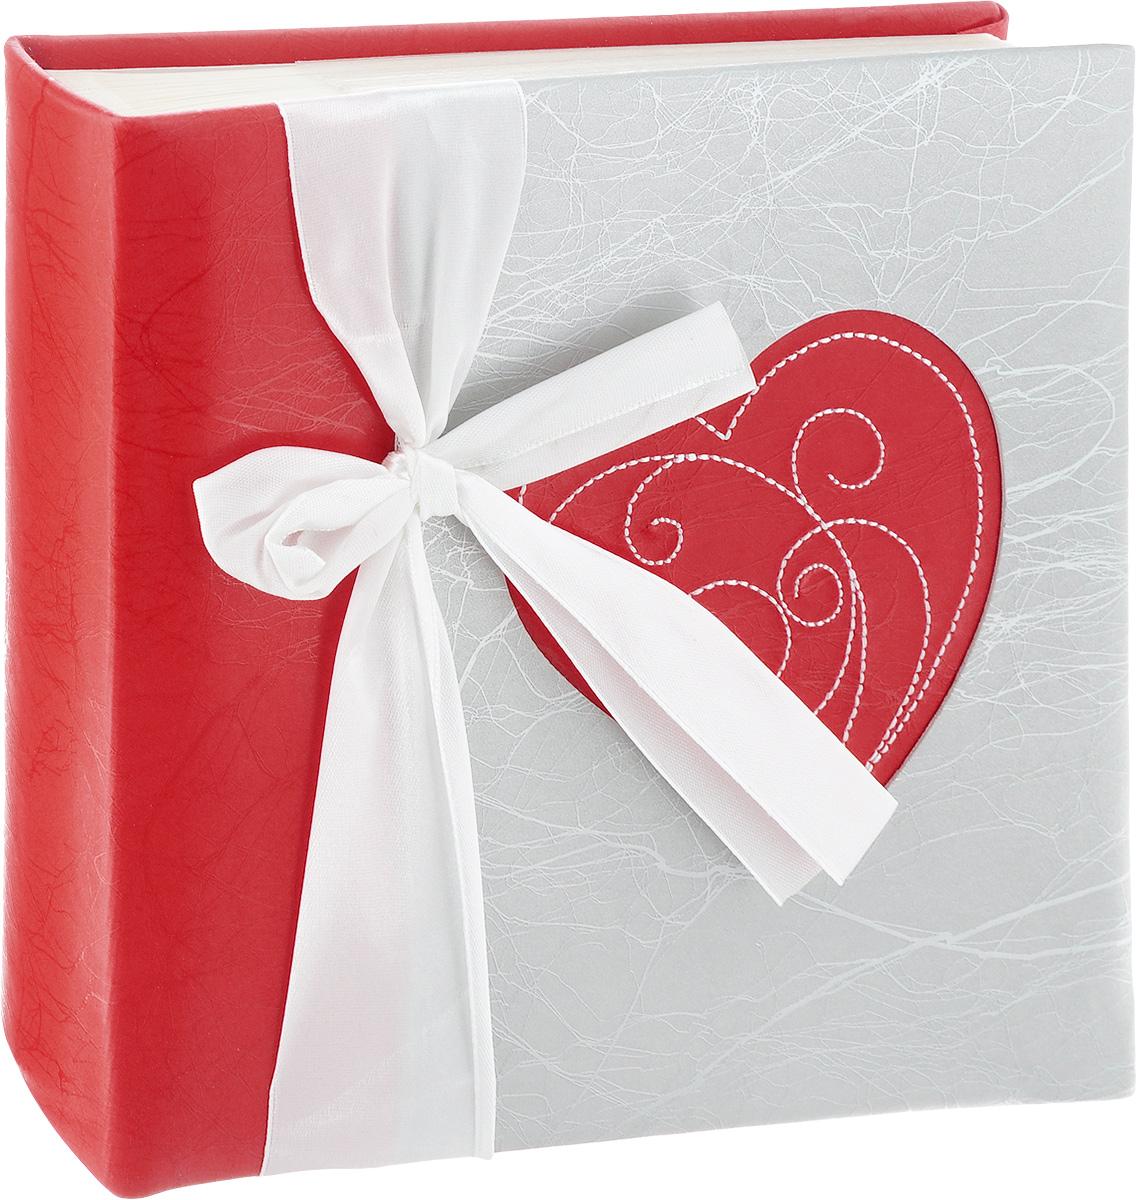 Фотоальбом Pioneer Love, 200 фотографий, цвет: красный, 10 x 15 см48497 LT-4R200PPBB/CАльбом для фотографий формата 10х15 см. Тип обложки: Делюкс (Искусственная кожа). Страницы: Бумажные. Тип переплета: Книжный. Кол-во фотографий: 200. Материалы, использованные в изготовлении альбома, обеспечивают высокое качество хранения ваших фотографий, поэтому фотографии не желтеют со временем